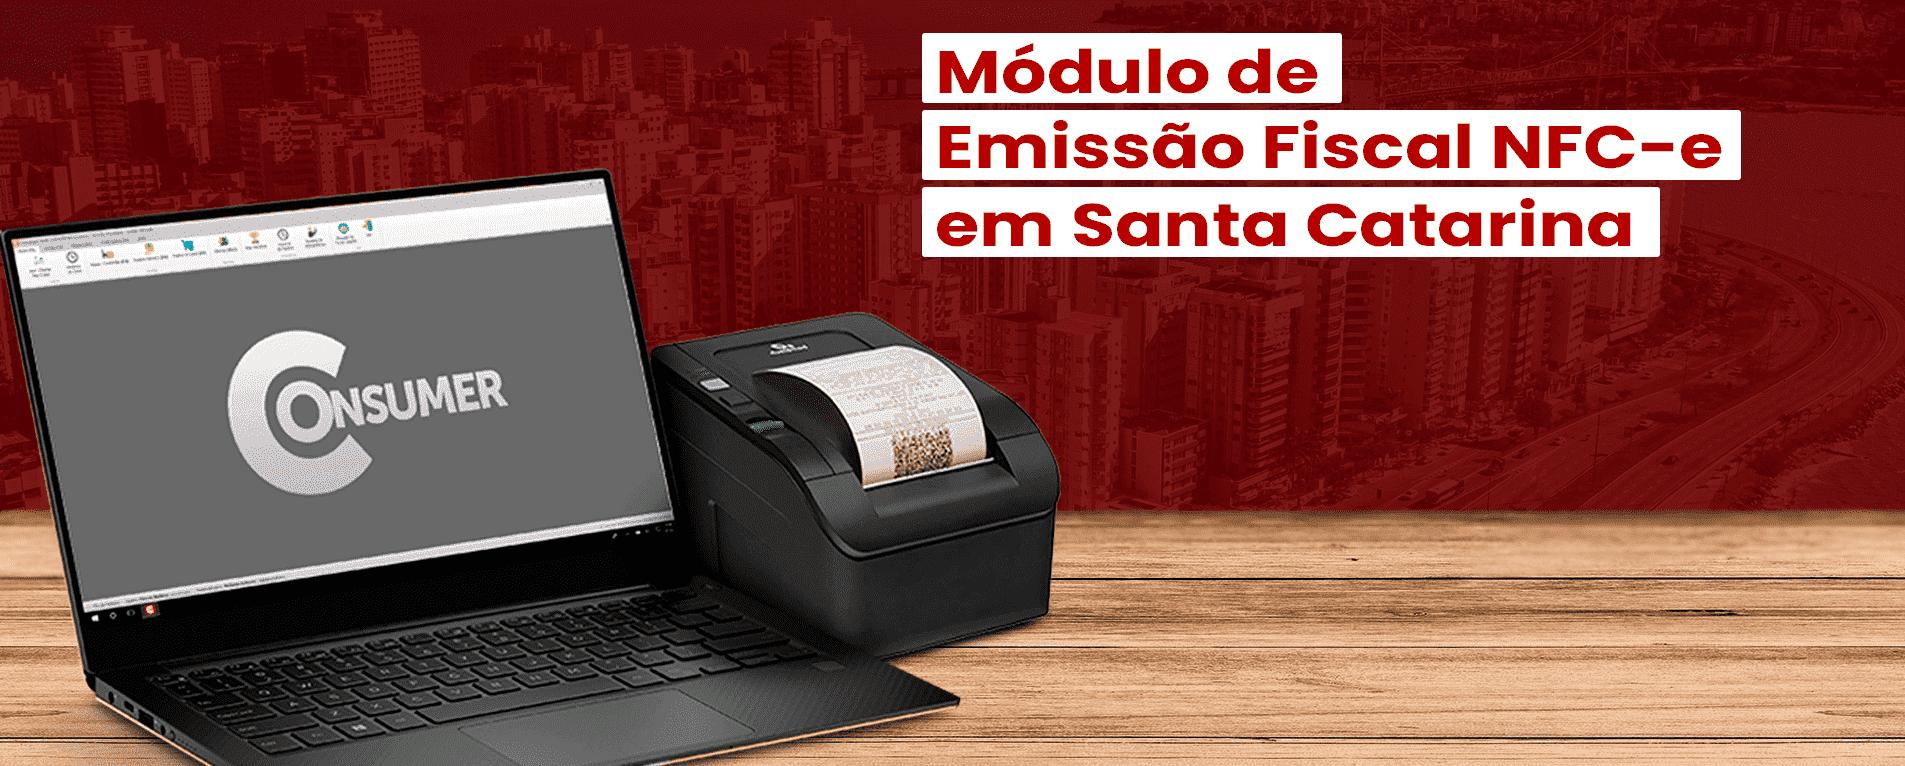 Consumer Lança Módulo de Emissão Fiscal NFC-e em Santa Catarina